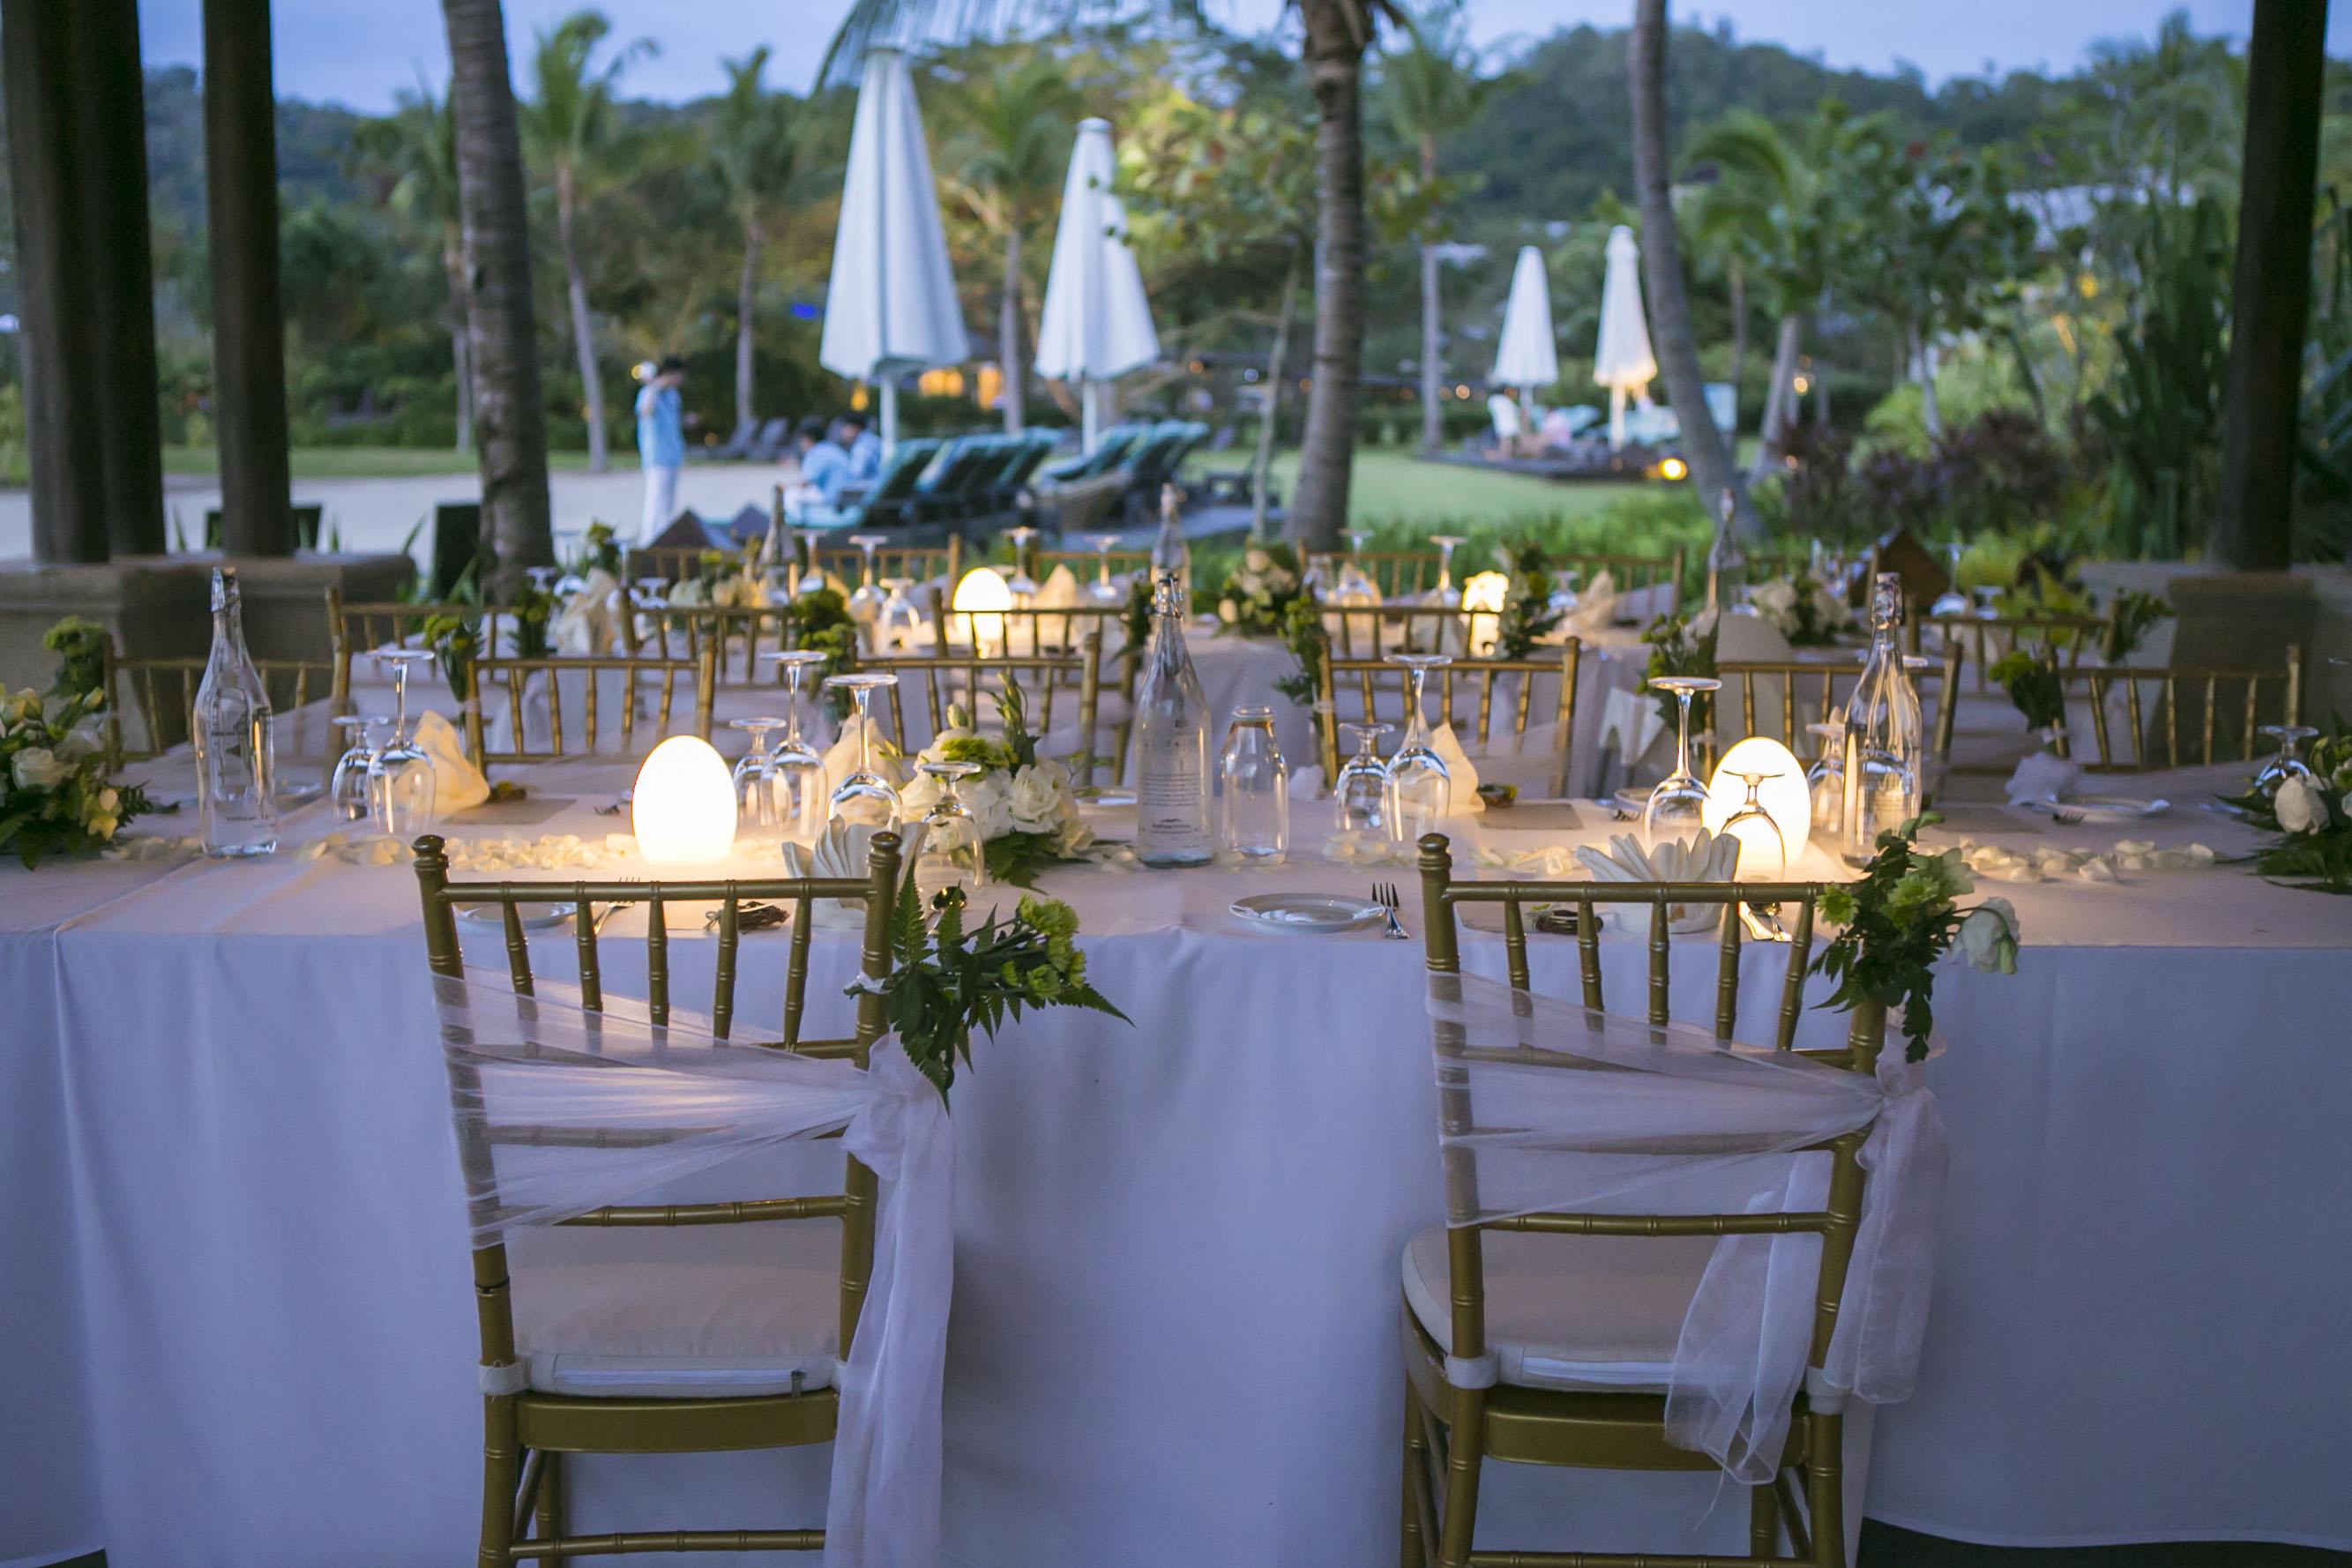 malaysia wedding shangri-La's Rasa Ria Resort Garden wedding borneo kotakinabalu resort wedding